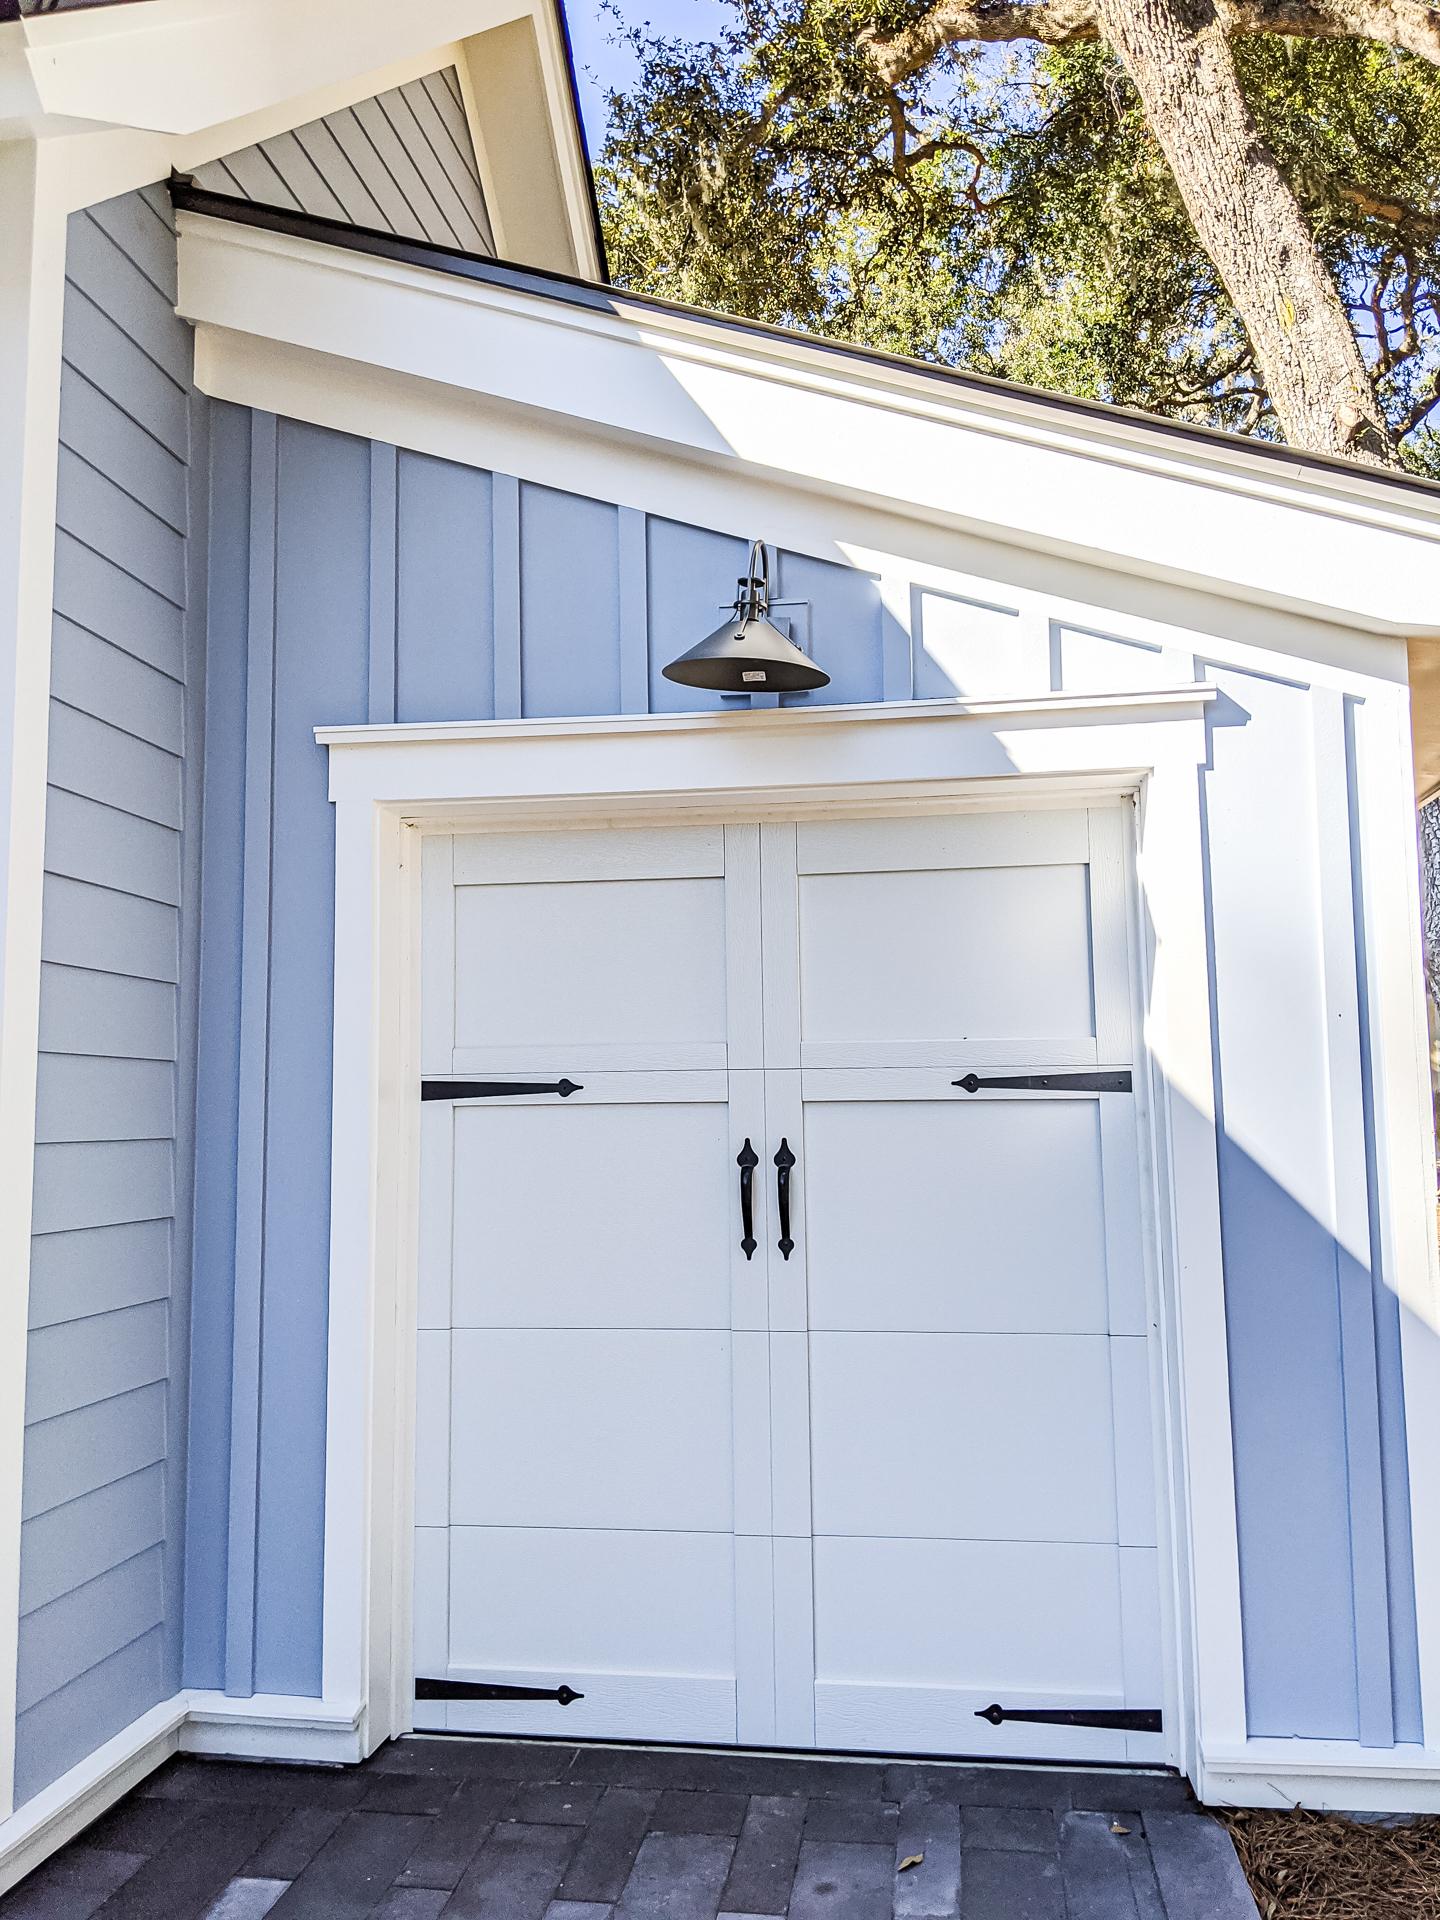 Garage door blue siding white trim